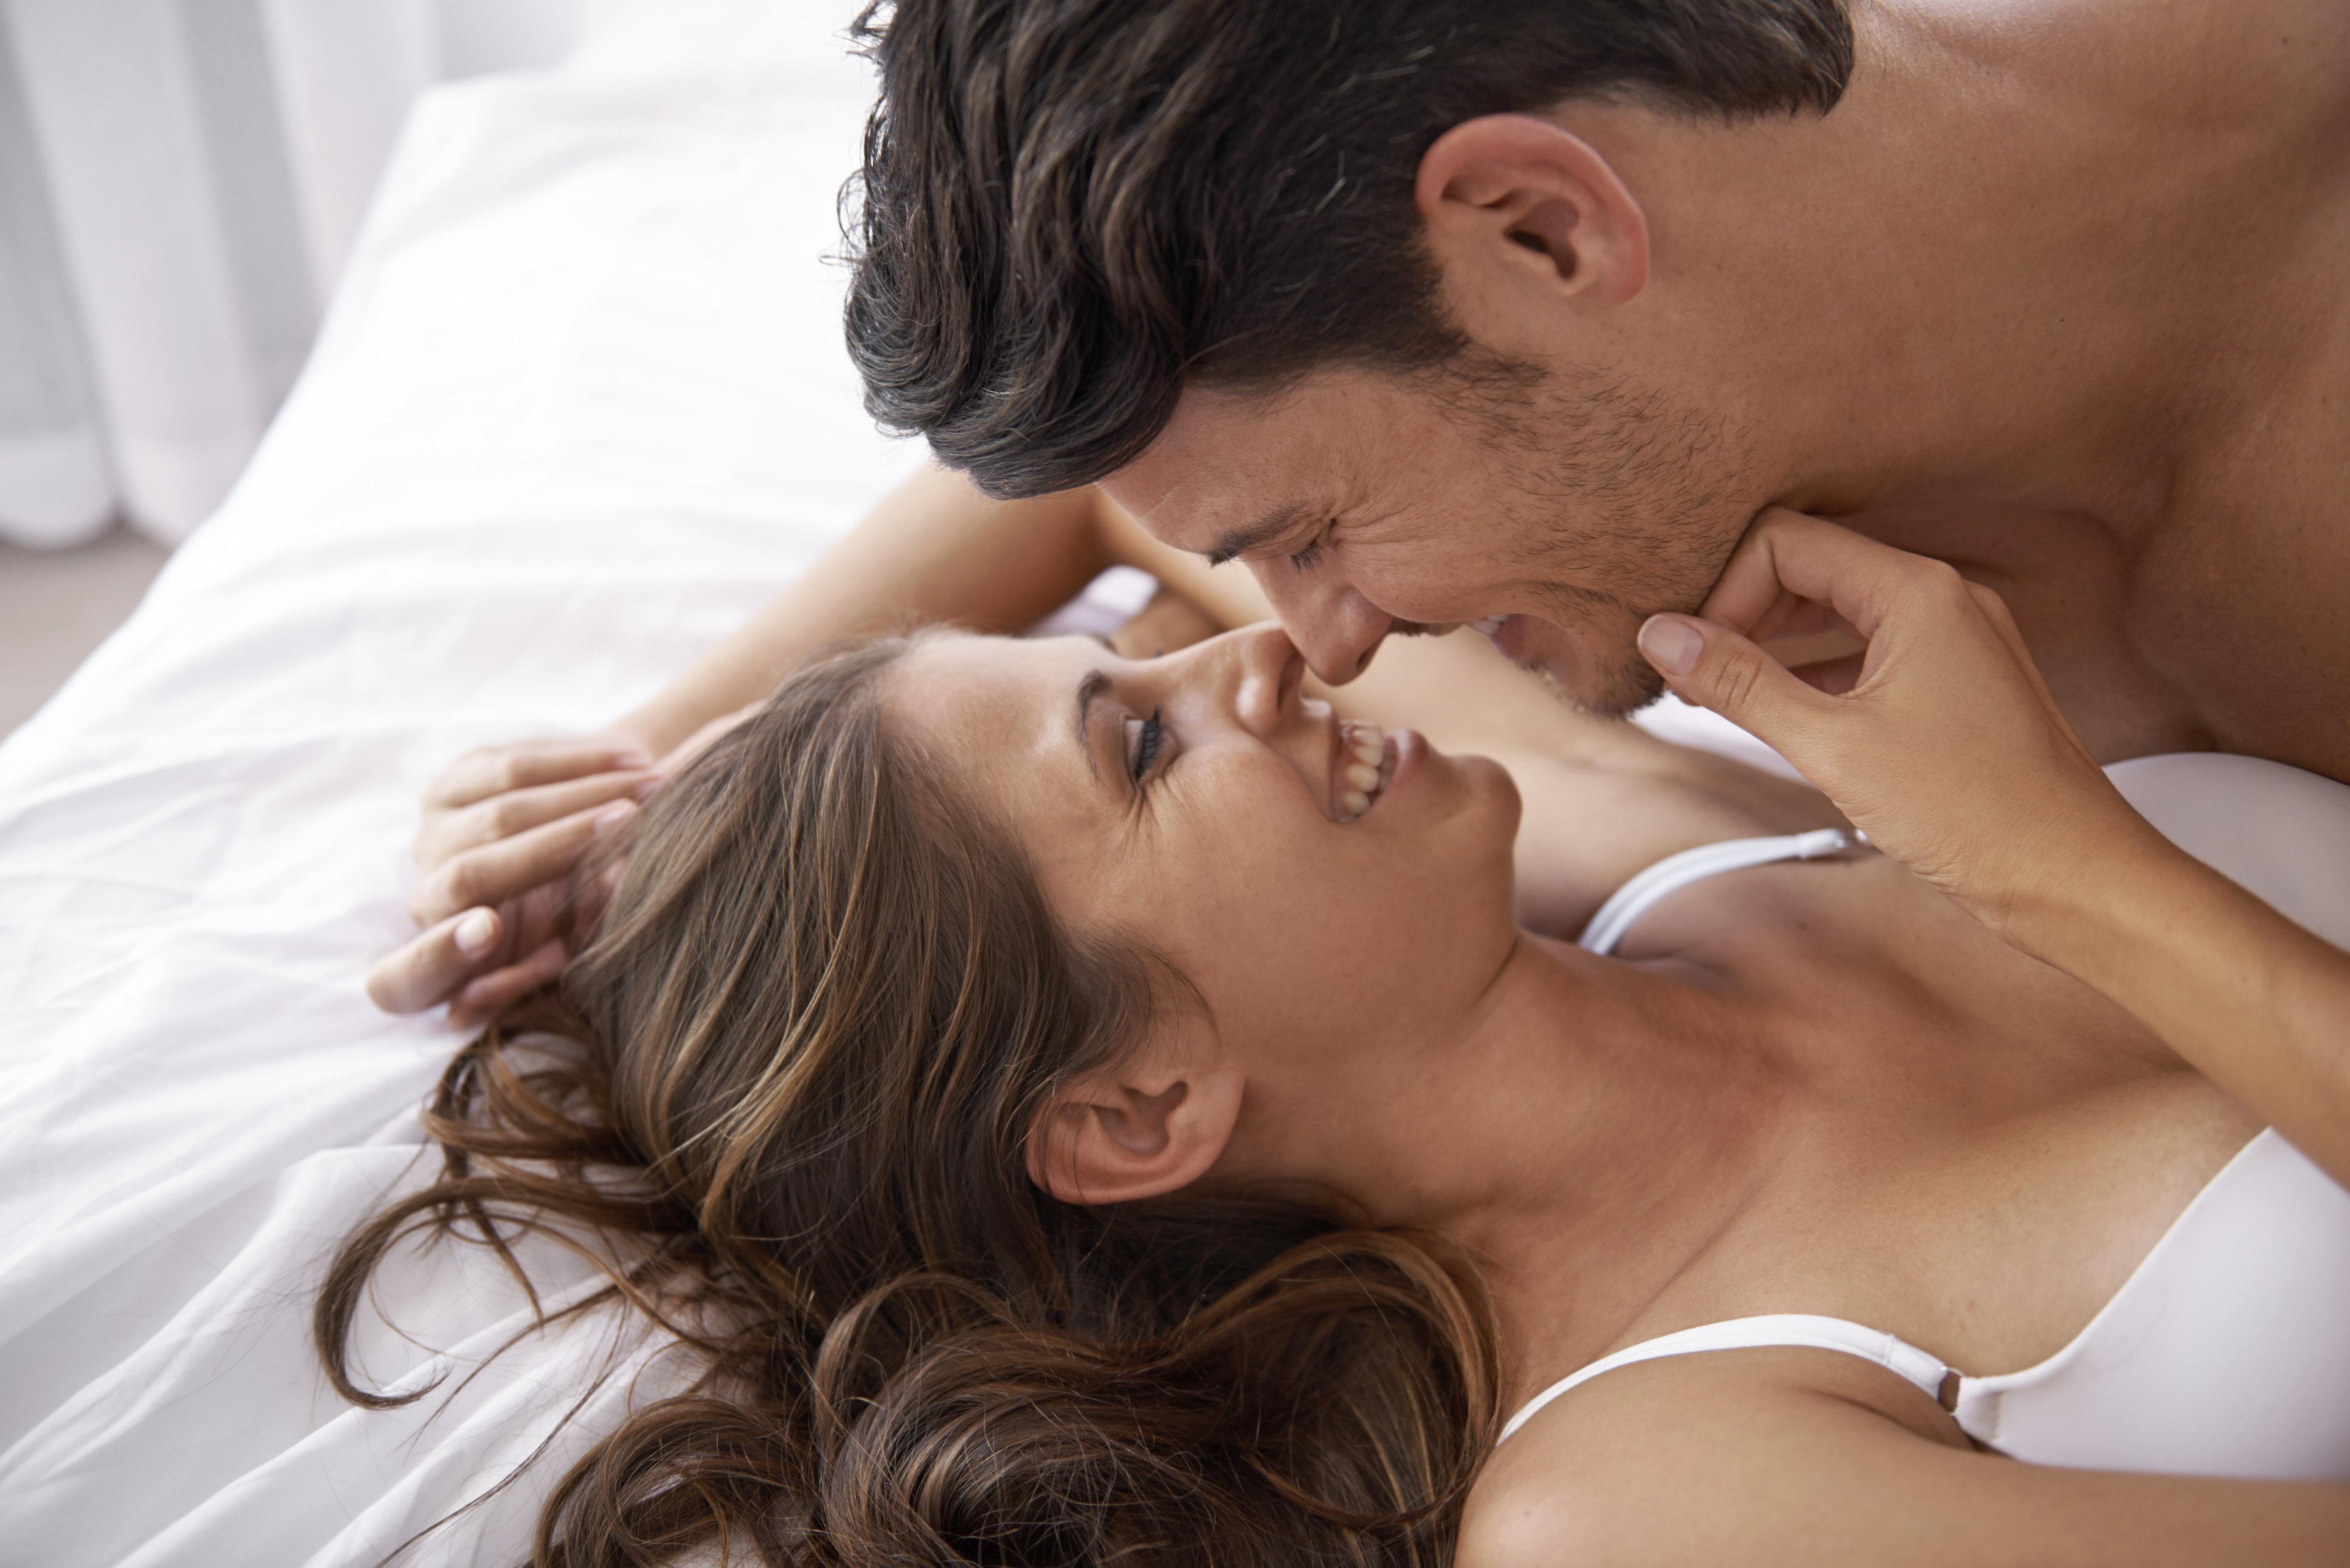 Удовольствия от минета, Что чувствует женщина во время минета? 26 фотография